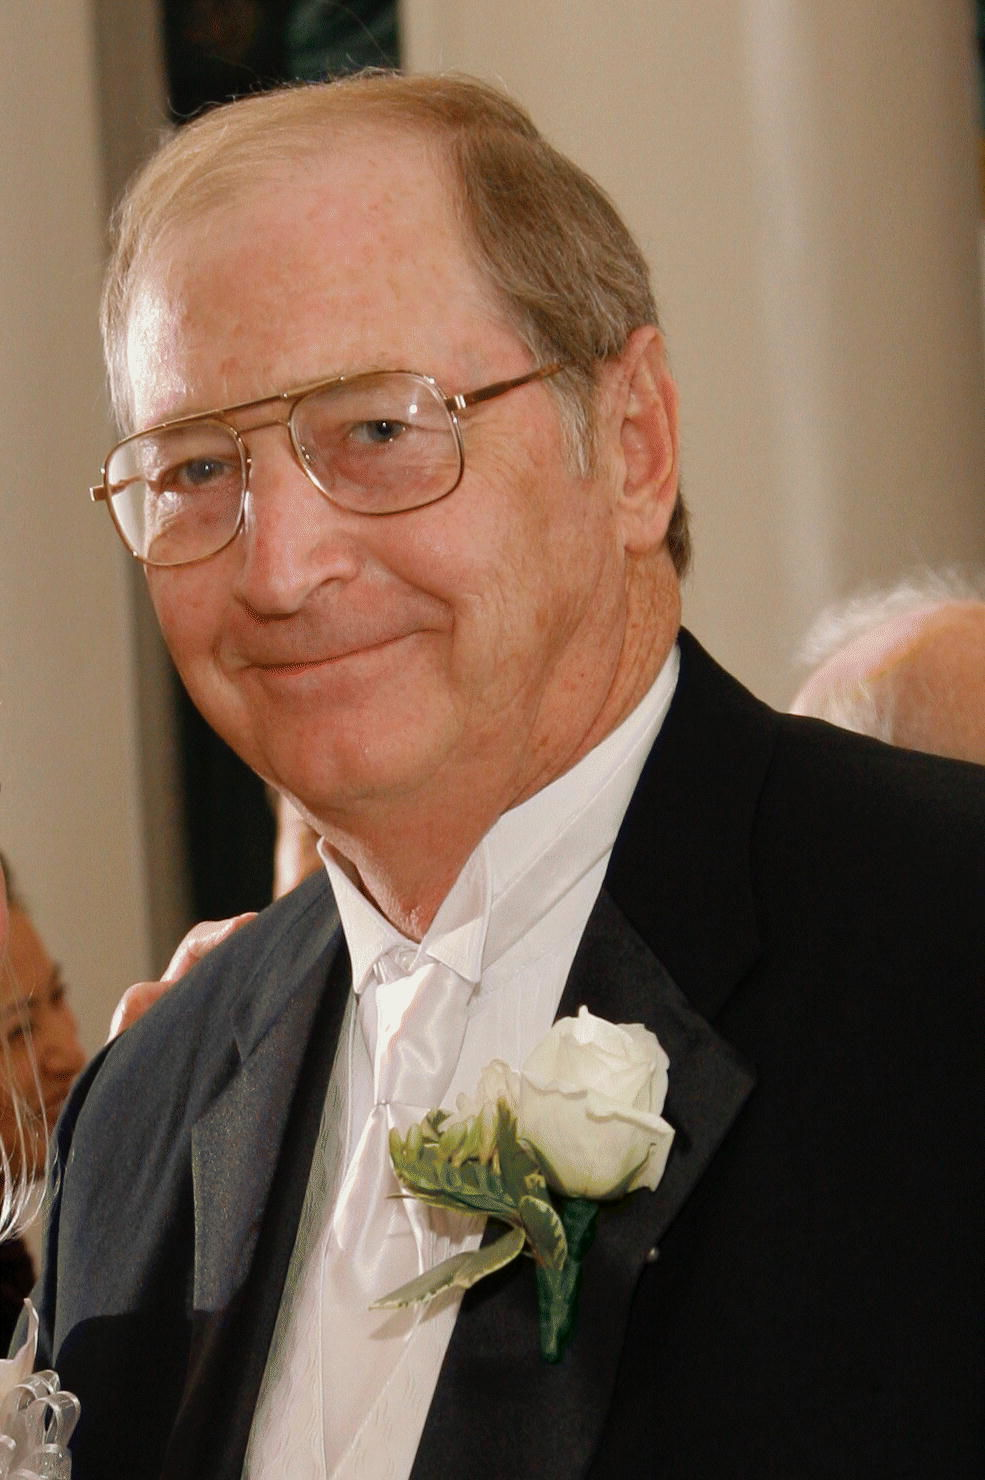 Randy Diehl